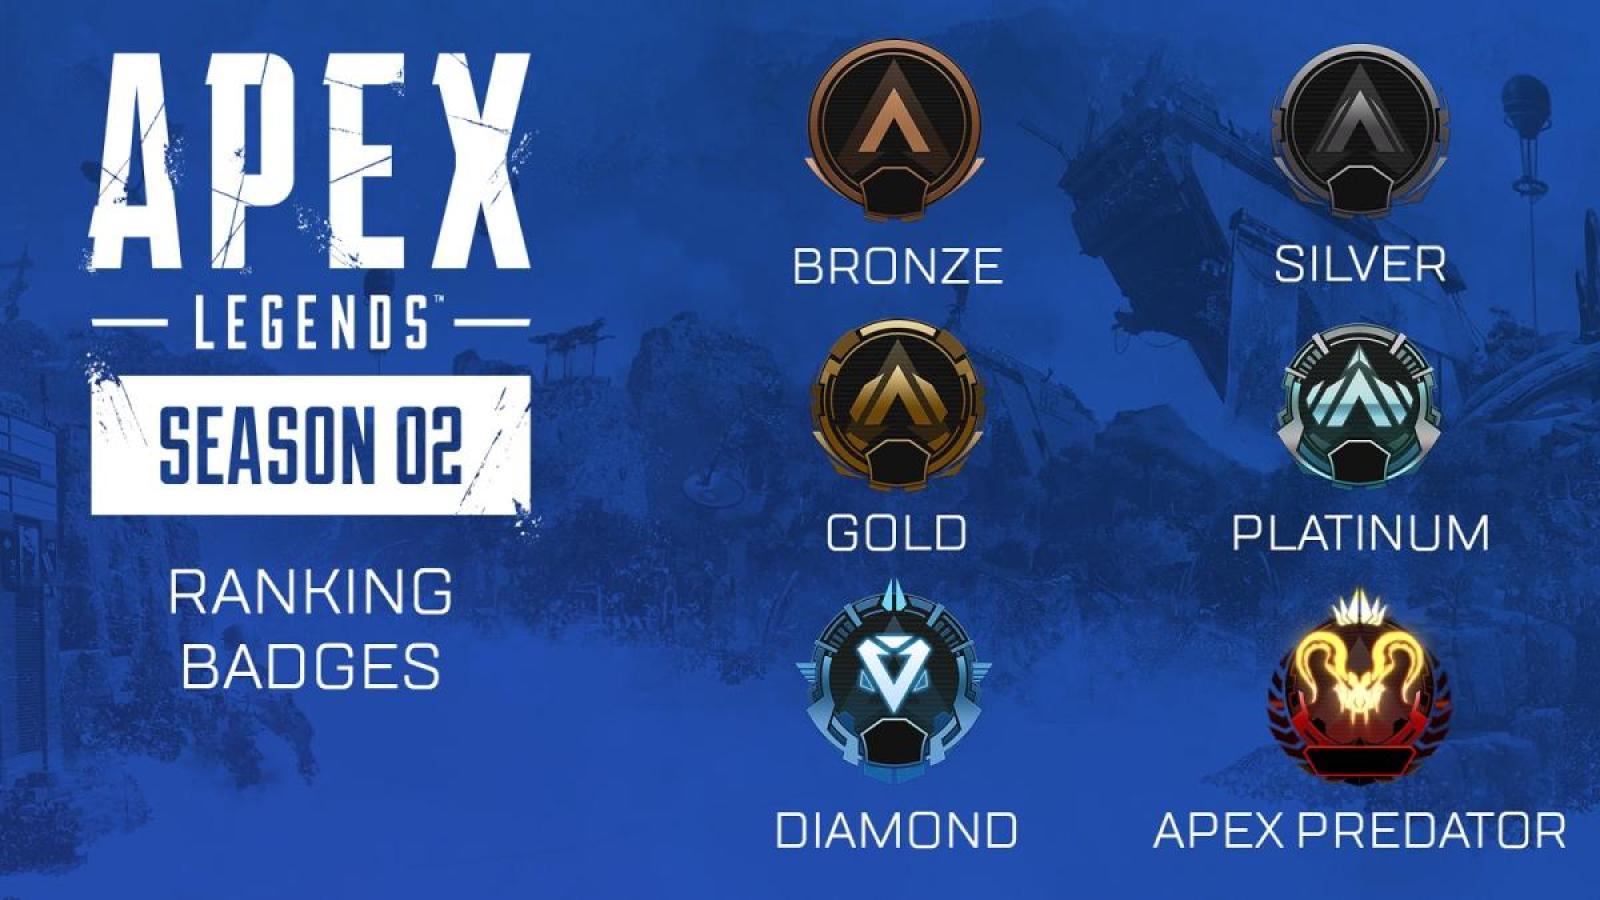 Apex Legends(エーペックスレジェンズ) ランクリーグ バッジ